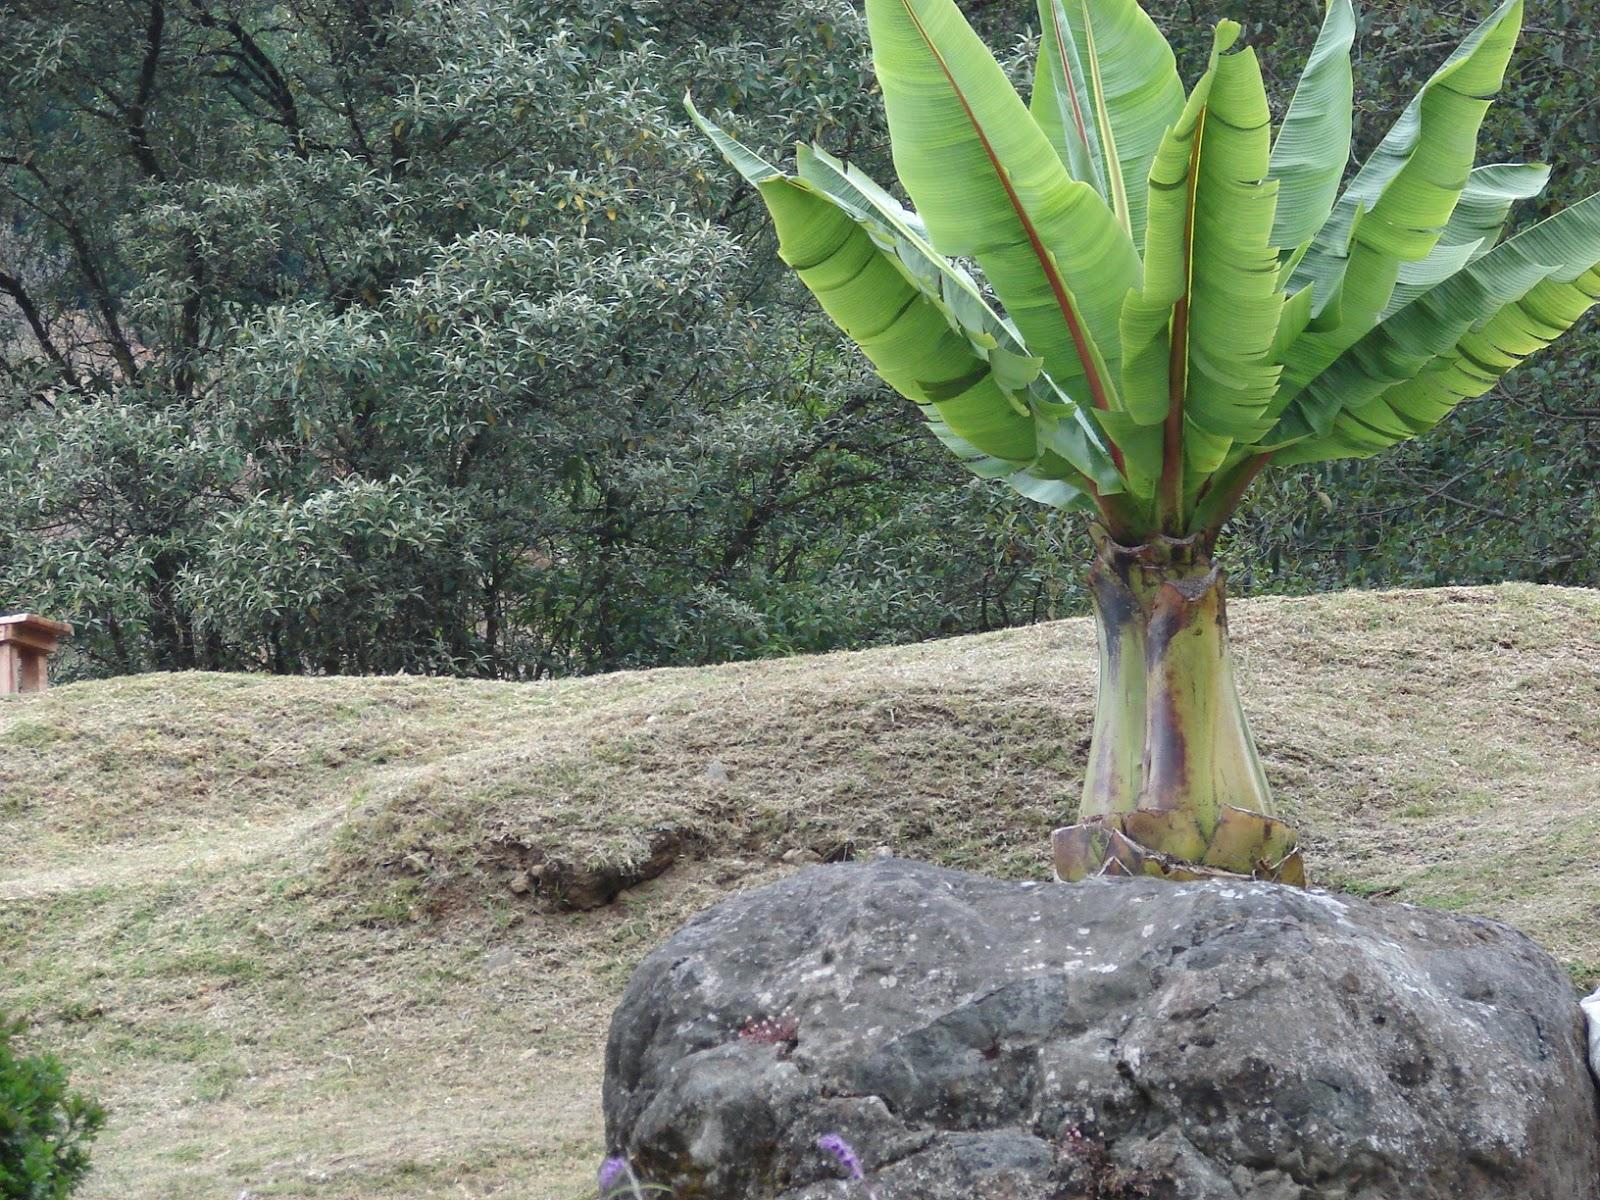 significado de plantas ornamentales paisajismo pueblos y jardines plantas ornamentales